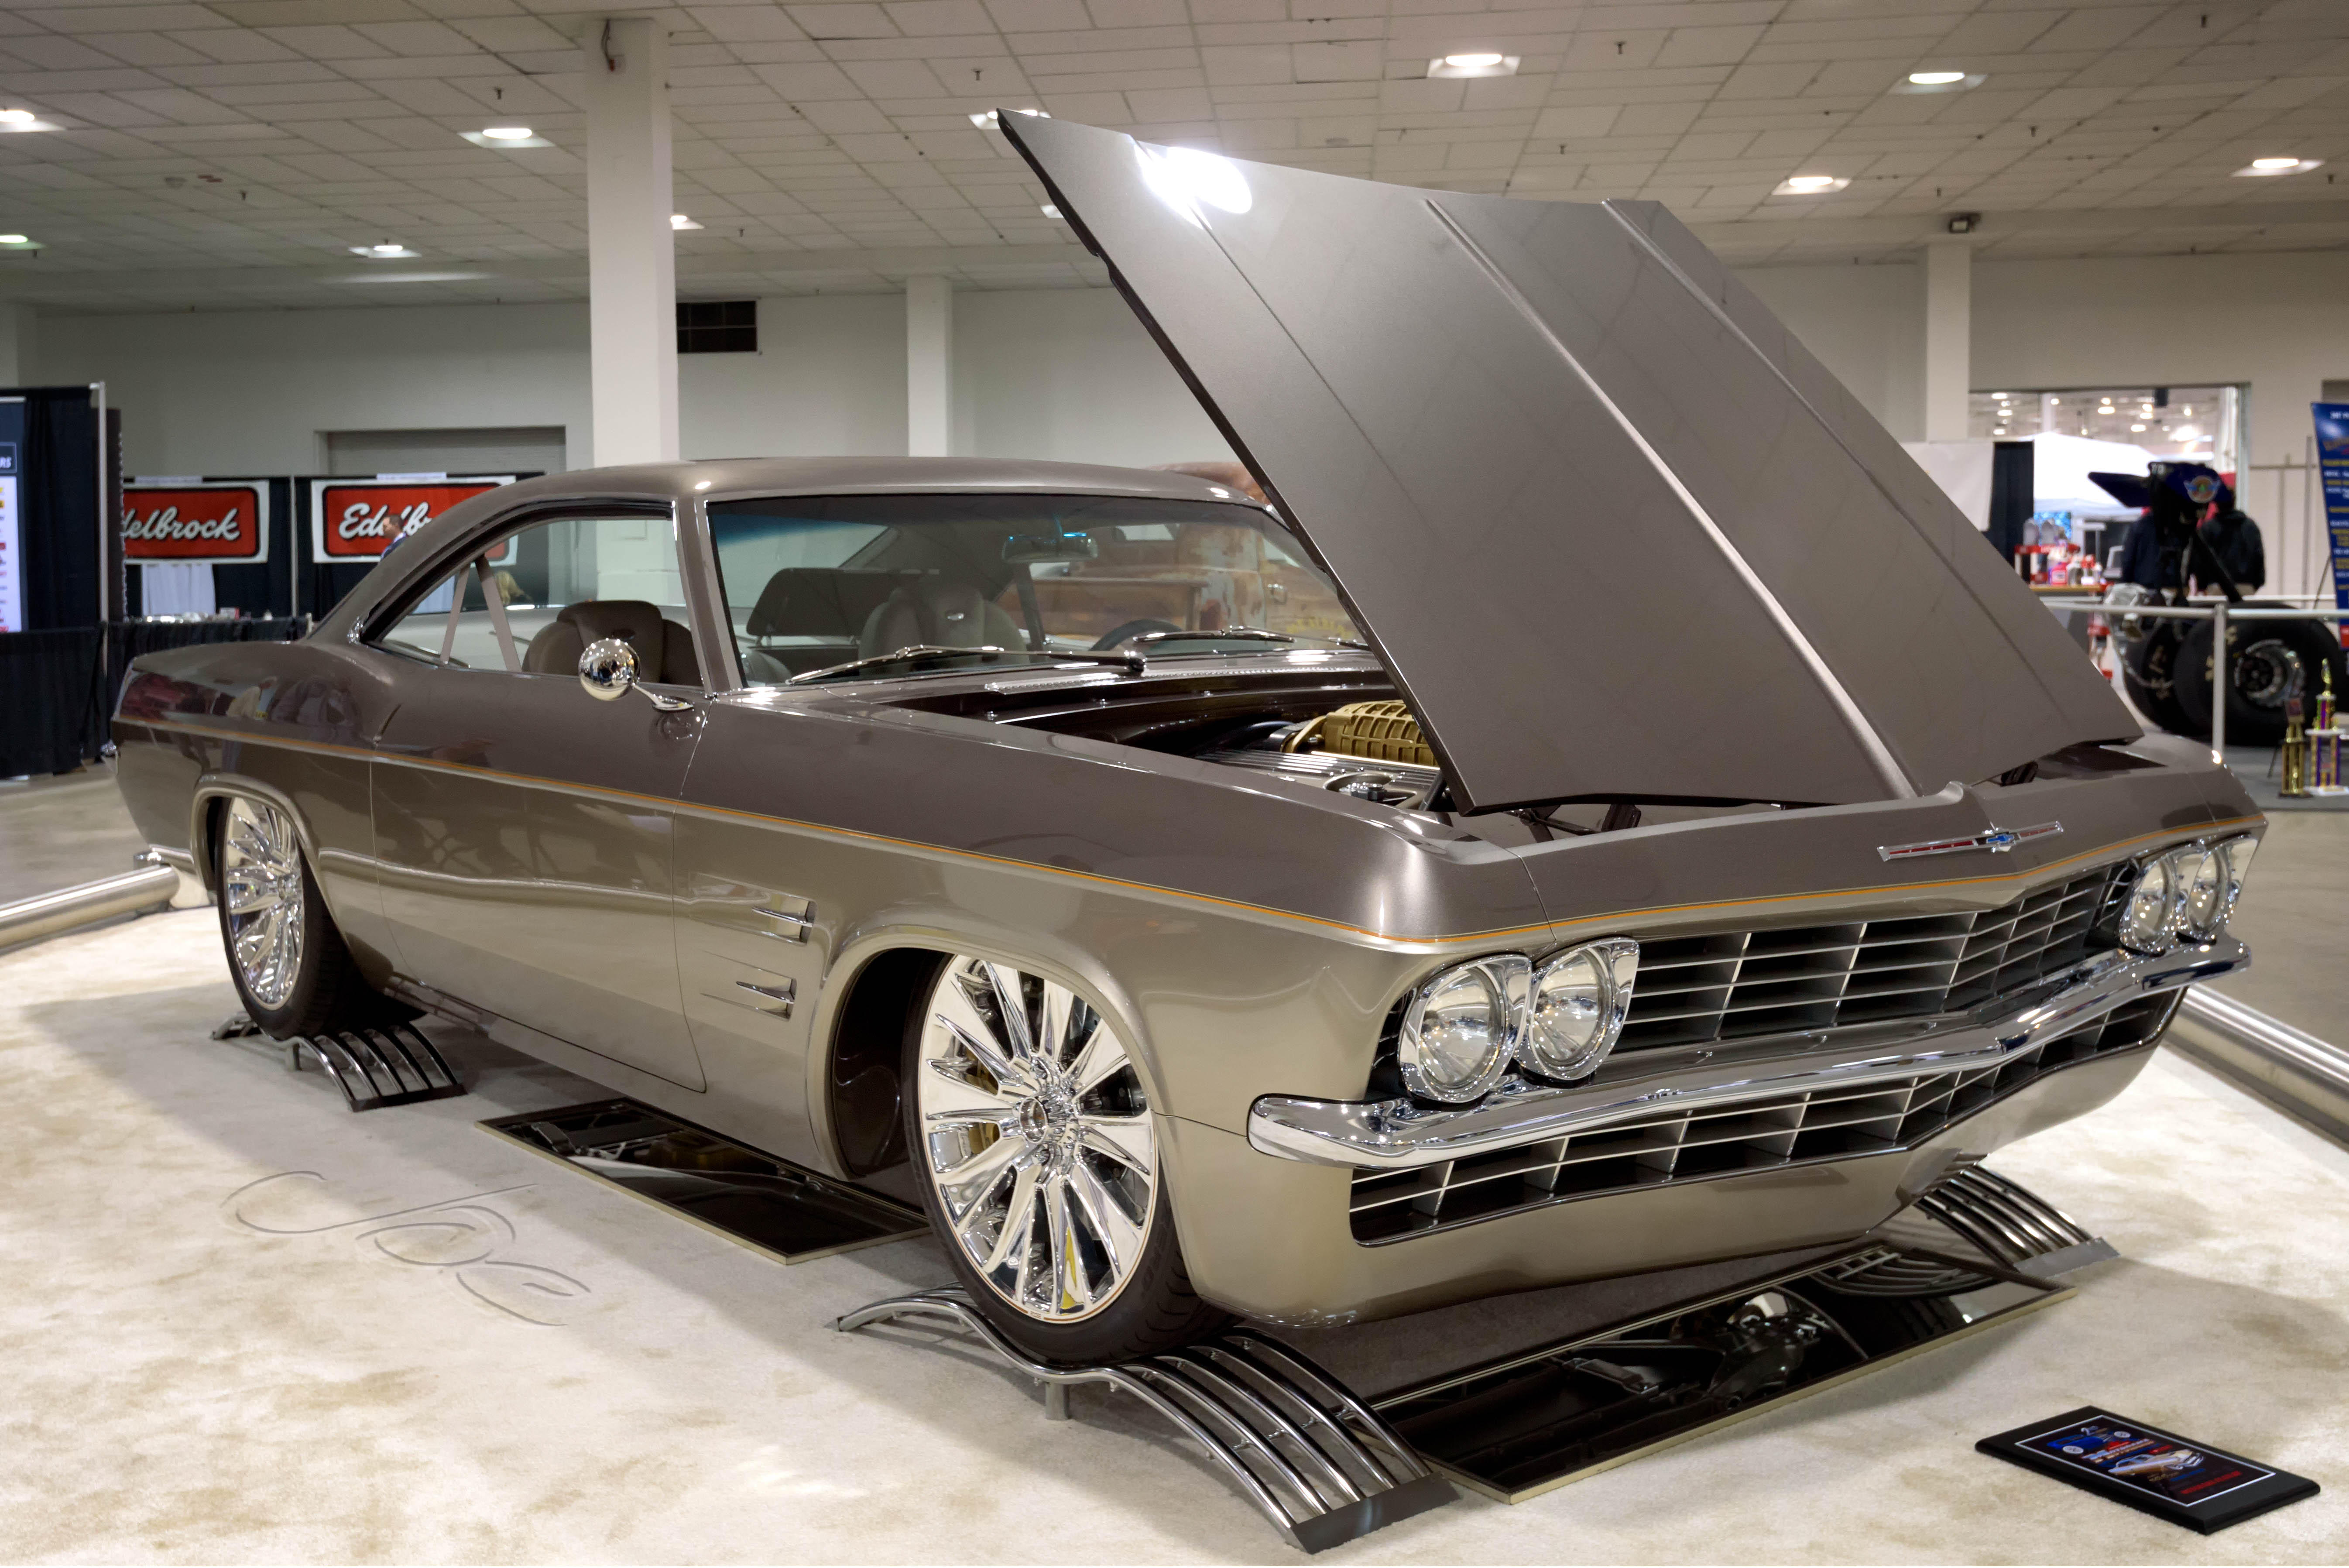 1965 chevy impala, photo